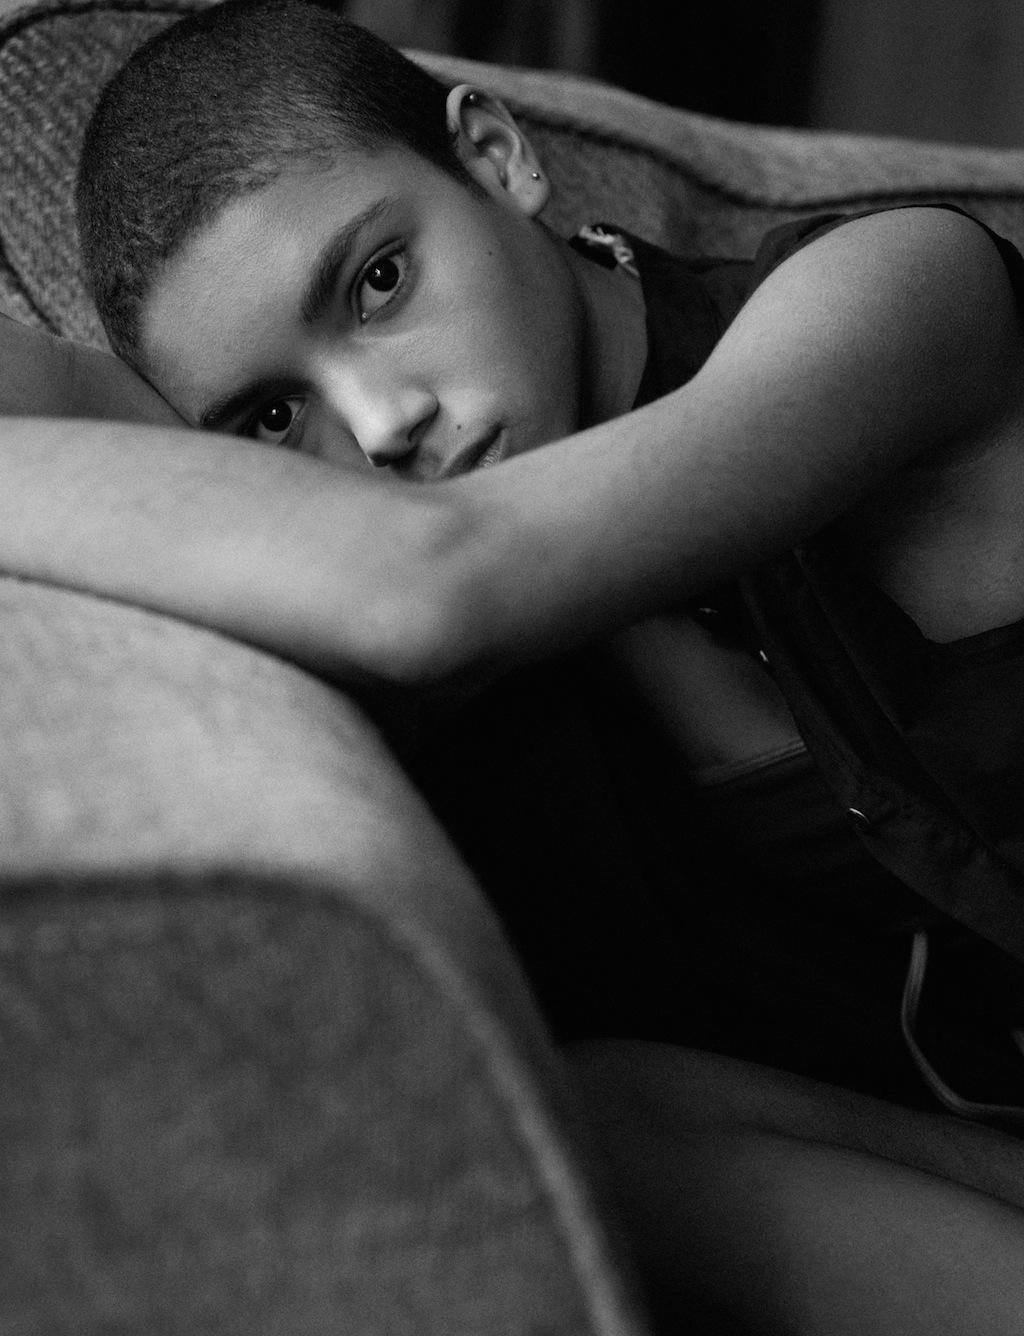 AM147_Vogue_Newfaces_Iris_03_119397.jpg